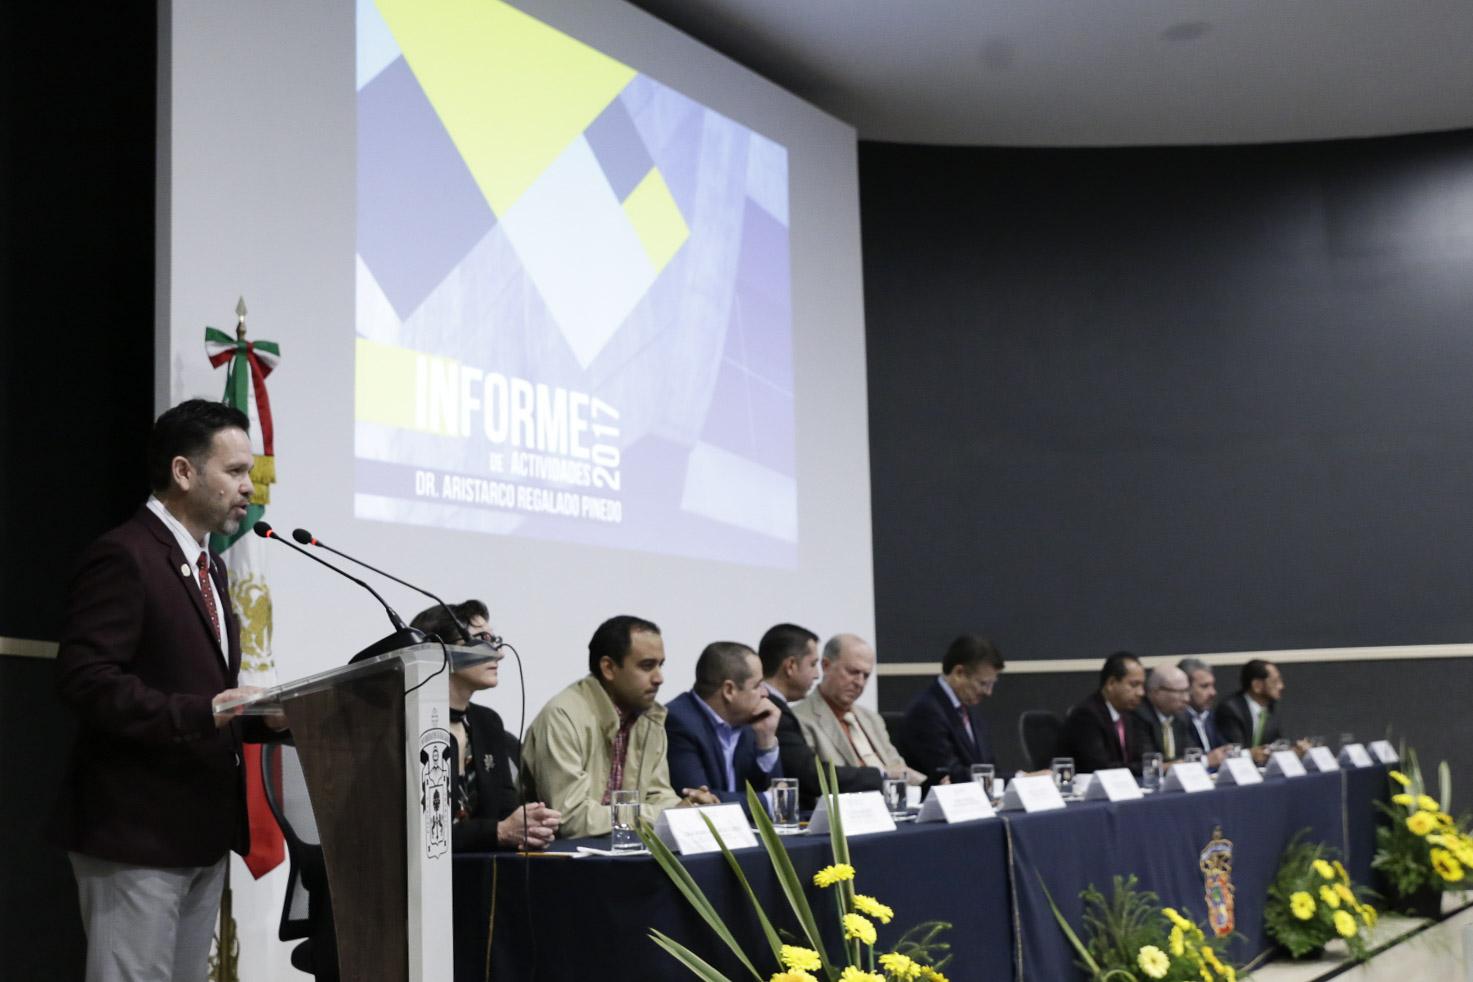 El evento se llevó a cabo en el auditorio de CULagos, acompañado de las máximas autoridades de la Universidad de Guadalajara